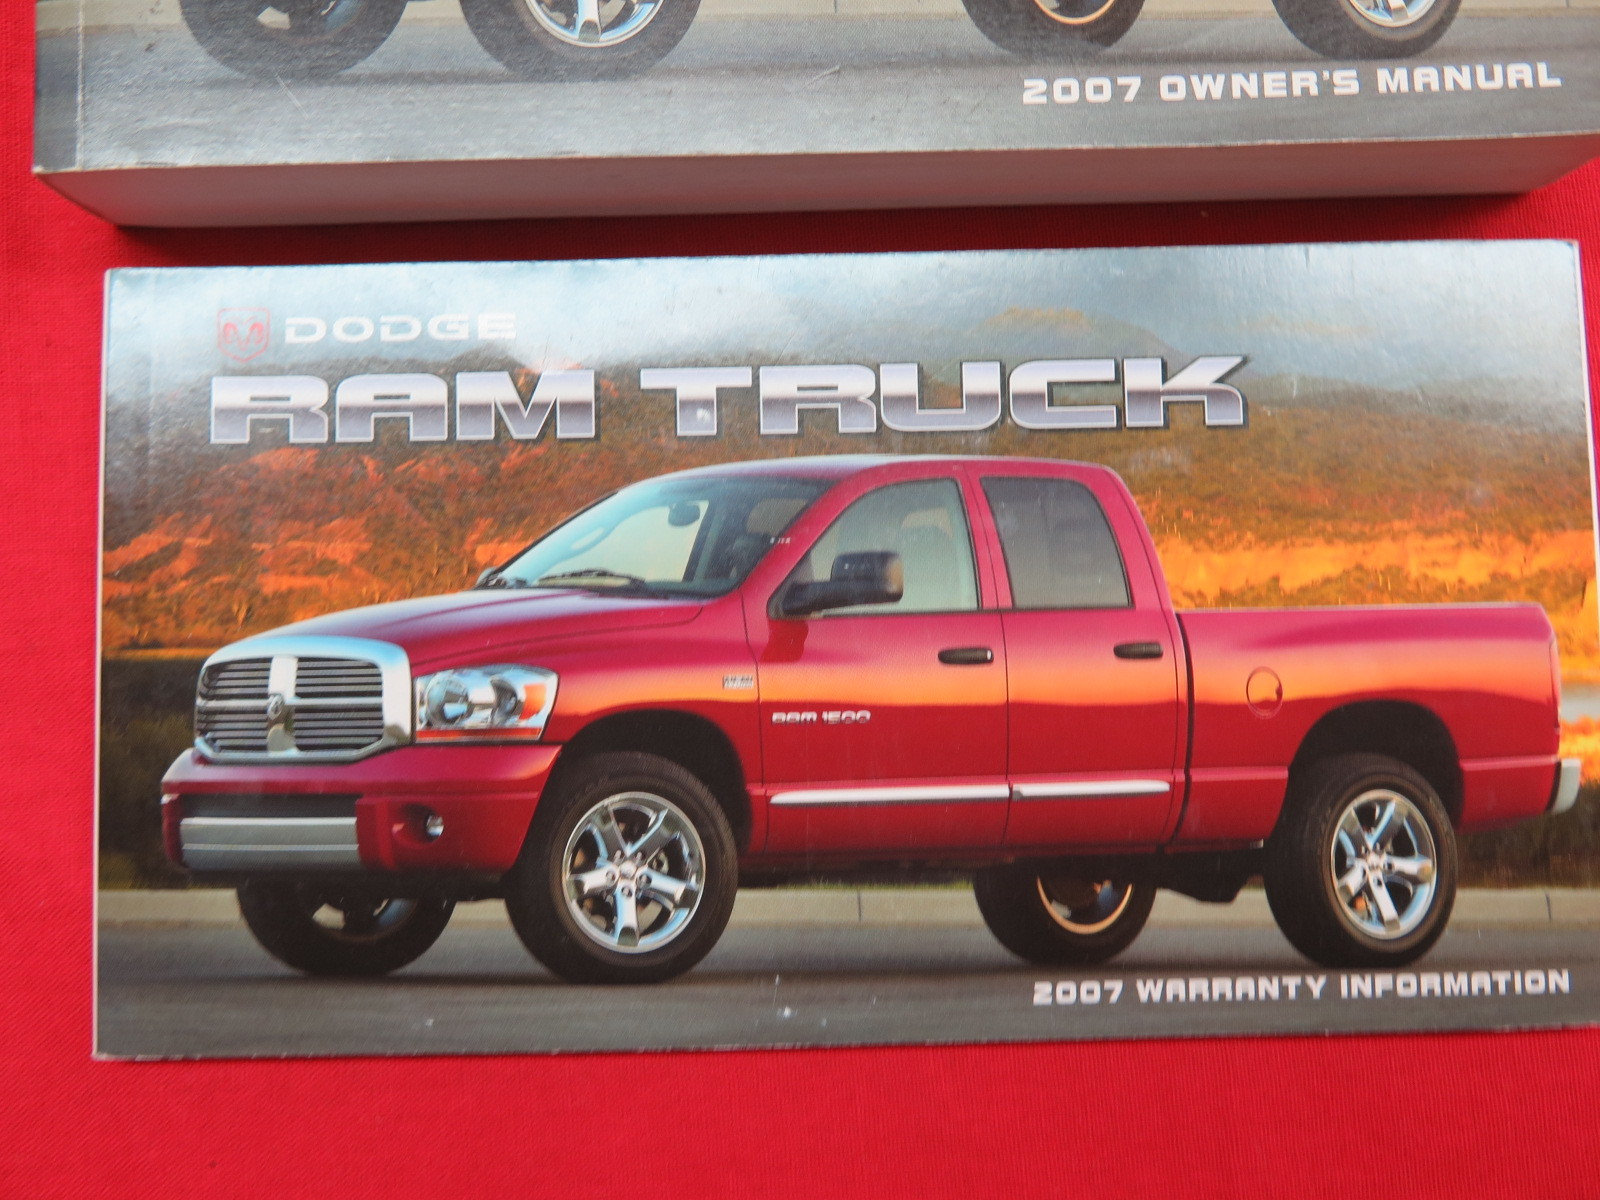 2007 dakota owners manual